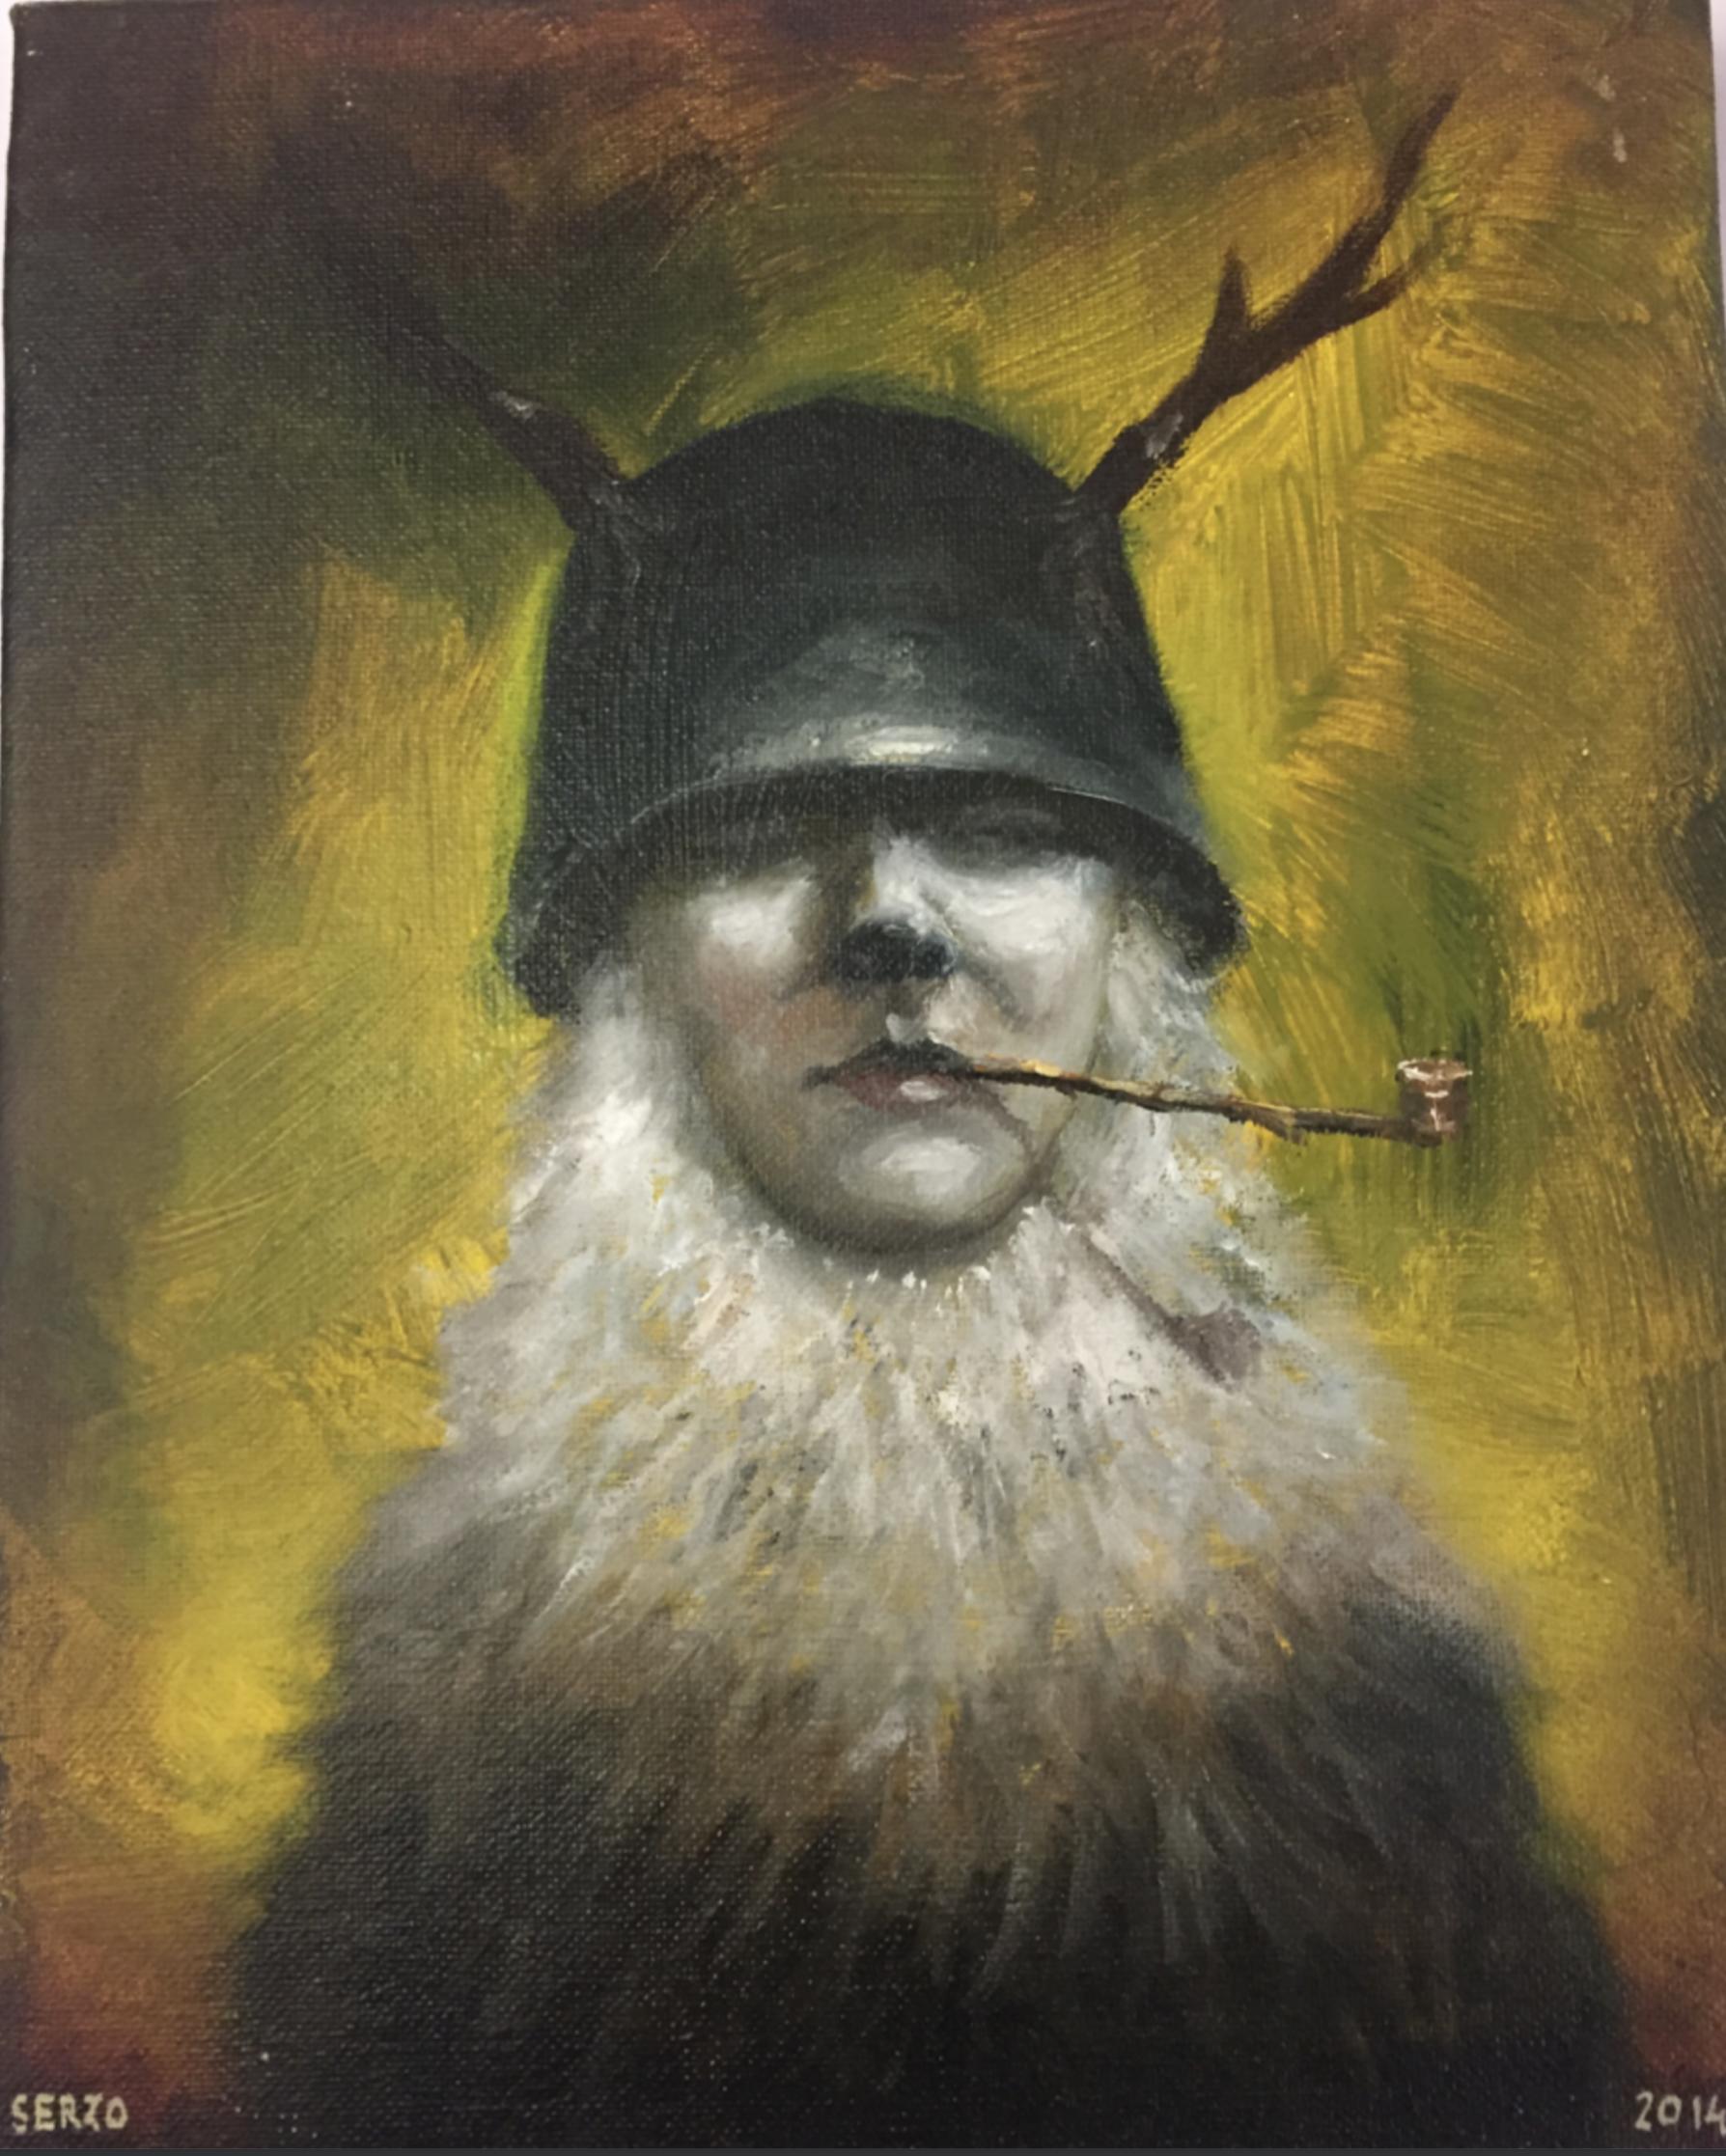 """Título:  """"Eva de los Señores del Bosque"""", 2014.   Autor:  Jose Luís Serzo.  Técnica:  Óleo sobre lienzo.  Medidas:  22 x 27.5 cm."""